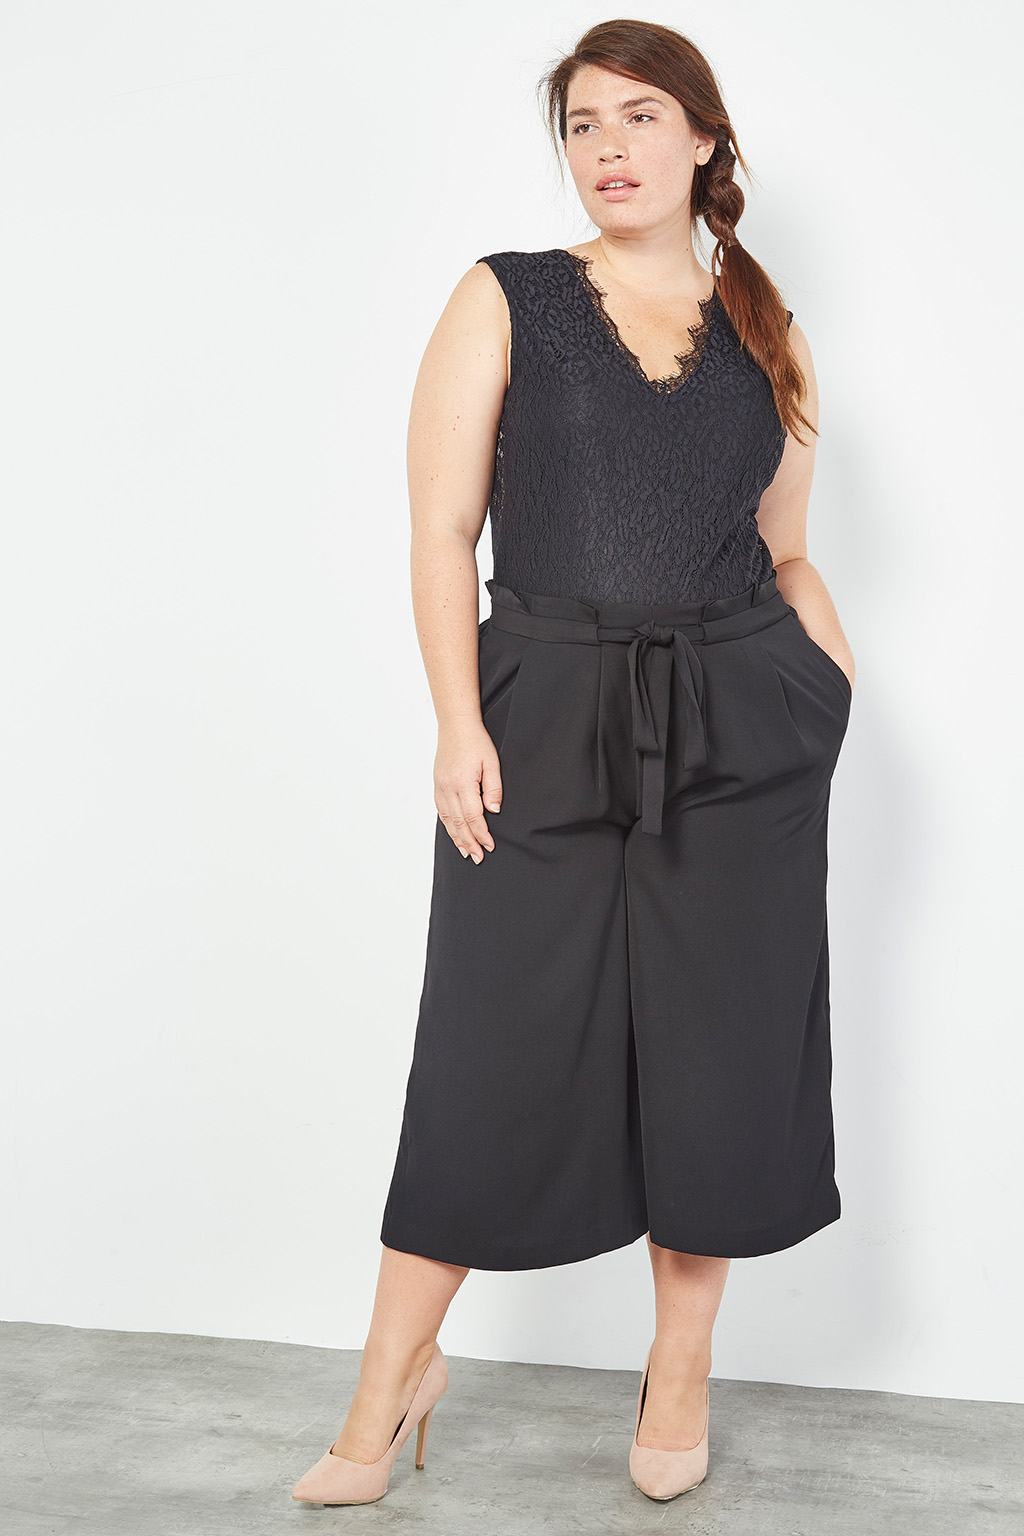 Collection capsule #curveIRL par #collectionIRL disponible sur Showroomprivé, pantalon noir en toile à nœud et body en dentelle femme.